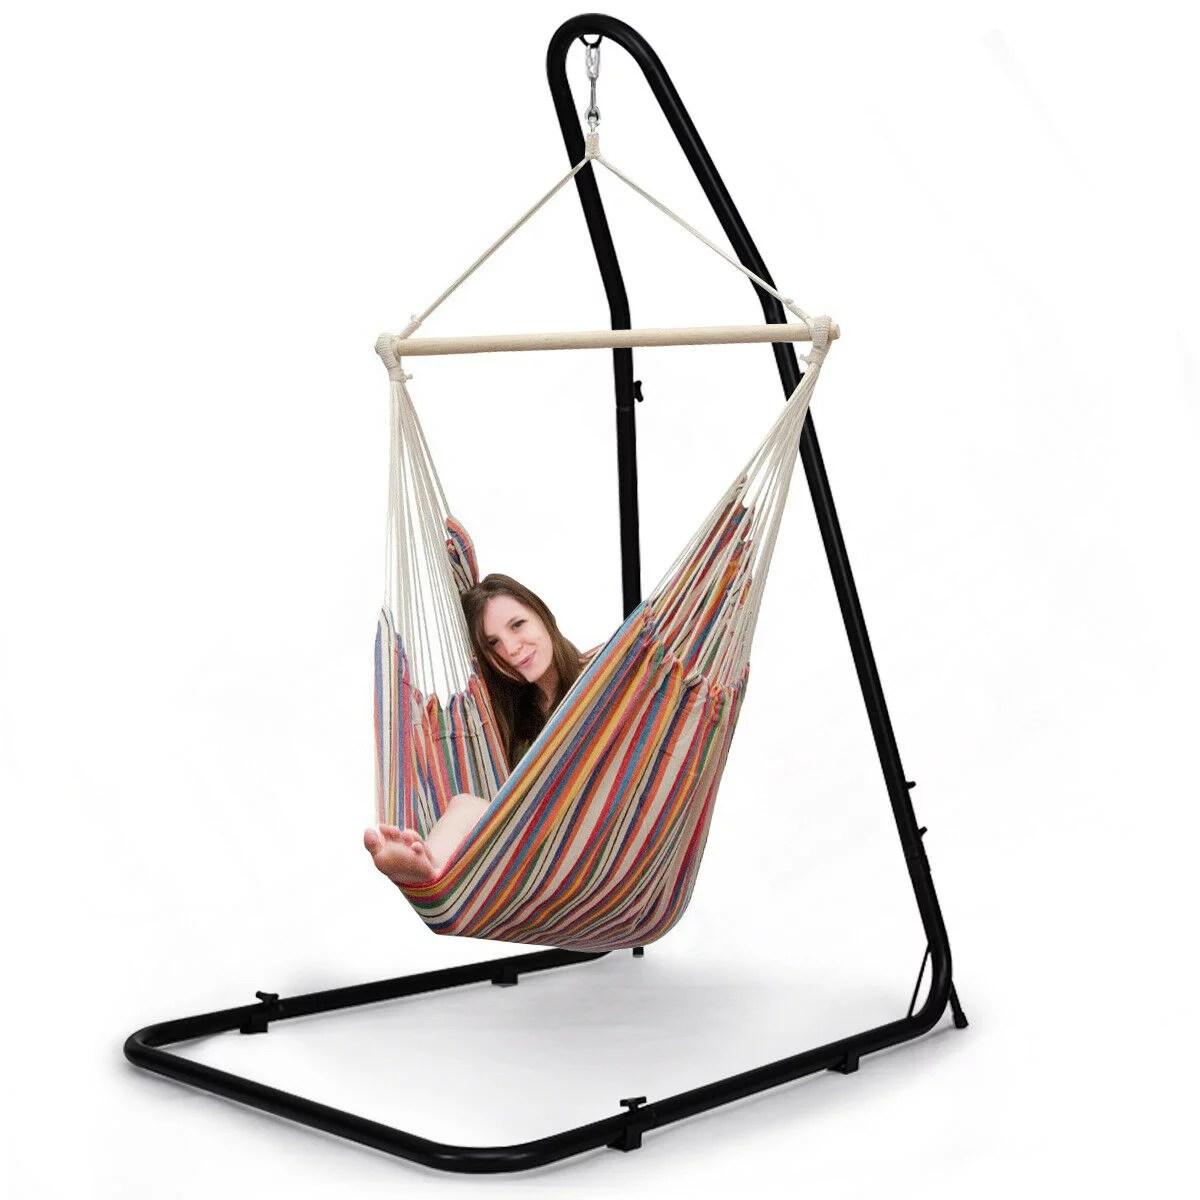 costway support hamac en fer support reglable pour fauteuil suspendu soutien pour accrocher balancelle et chaises suspendues capacite 150kg